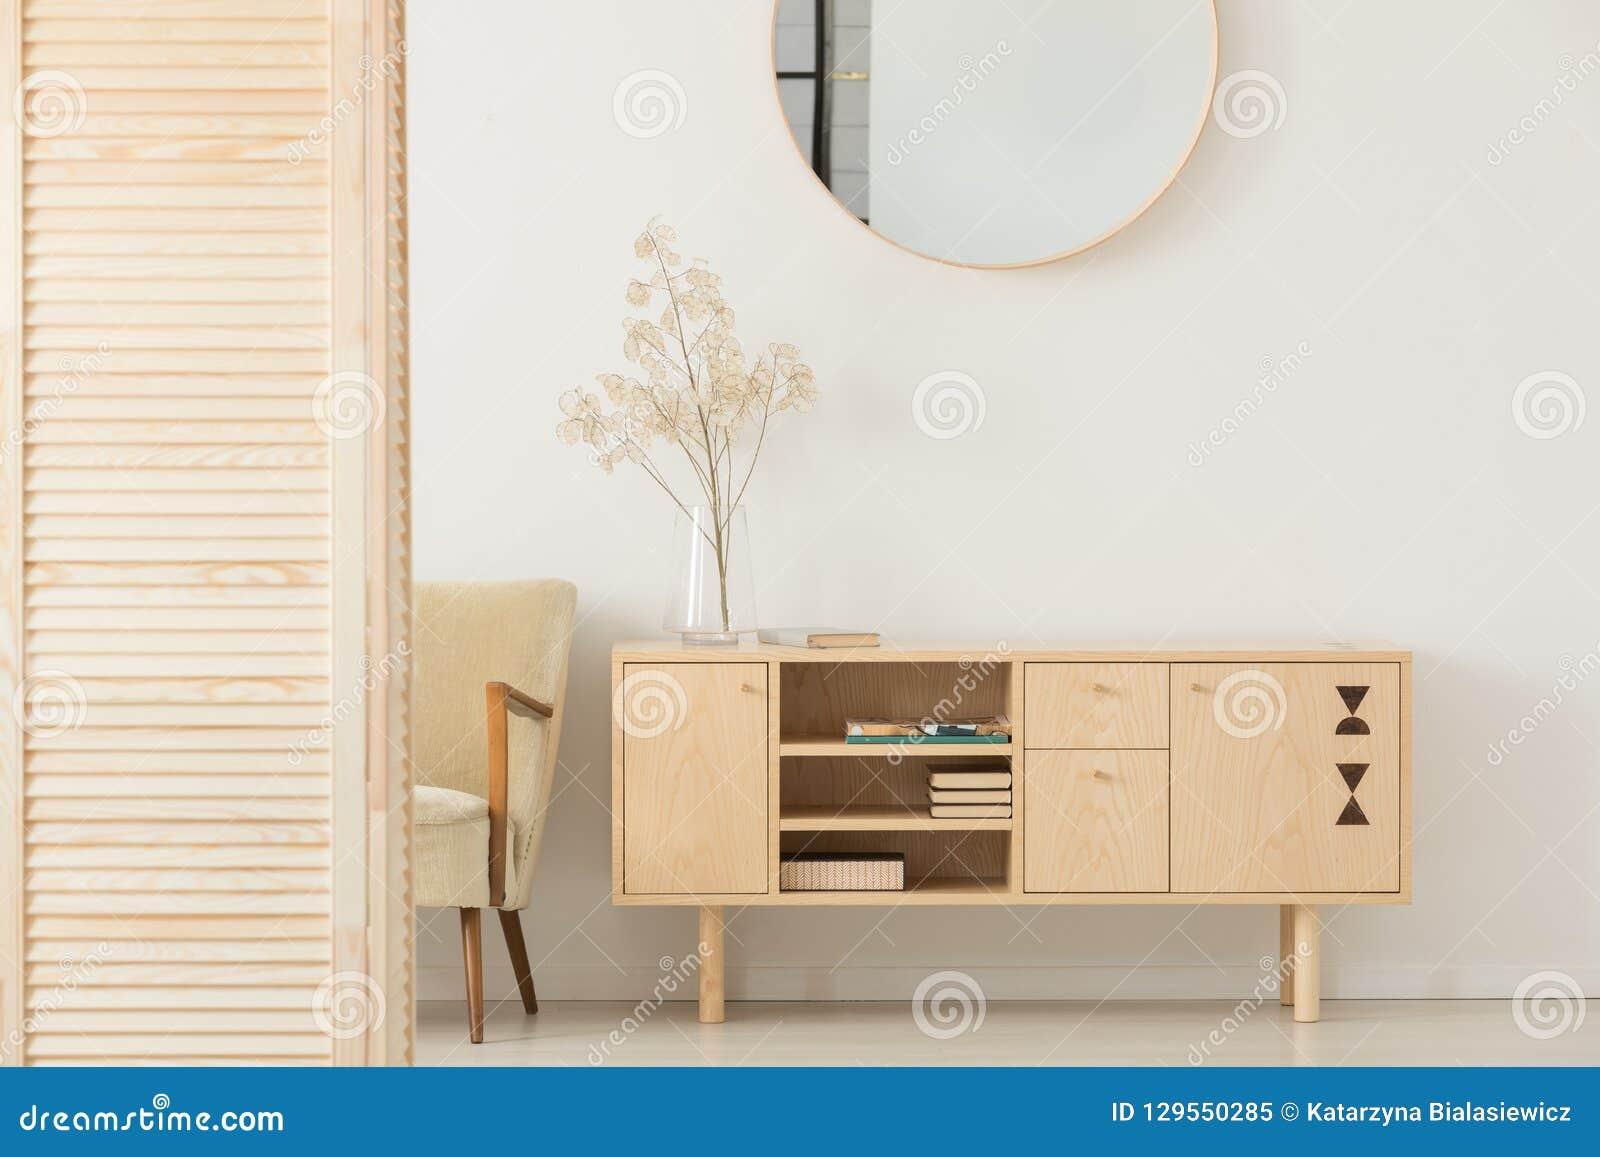 在白色墙壁上的圆的镜子在简单的前室的木内阁上内部与扶手椅子